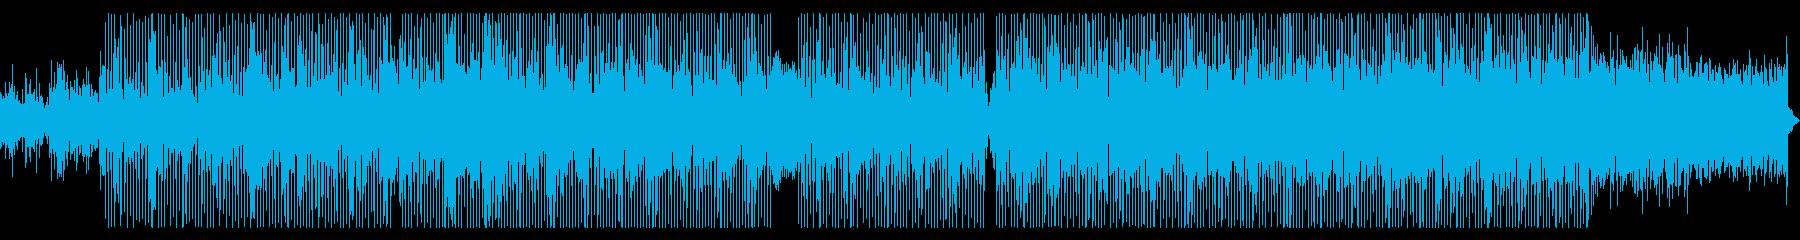 サックスソロが印象的な淡々としたポップスの再生済みの波形